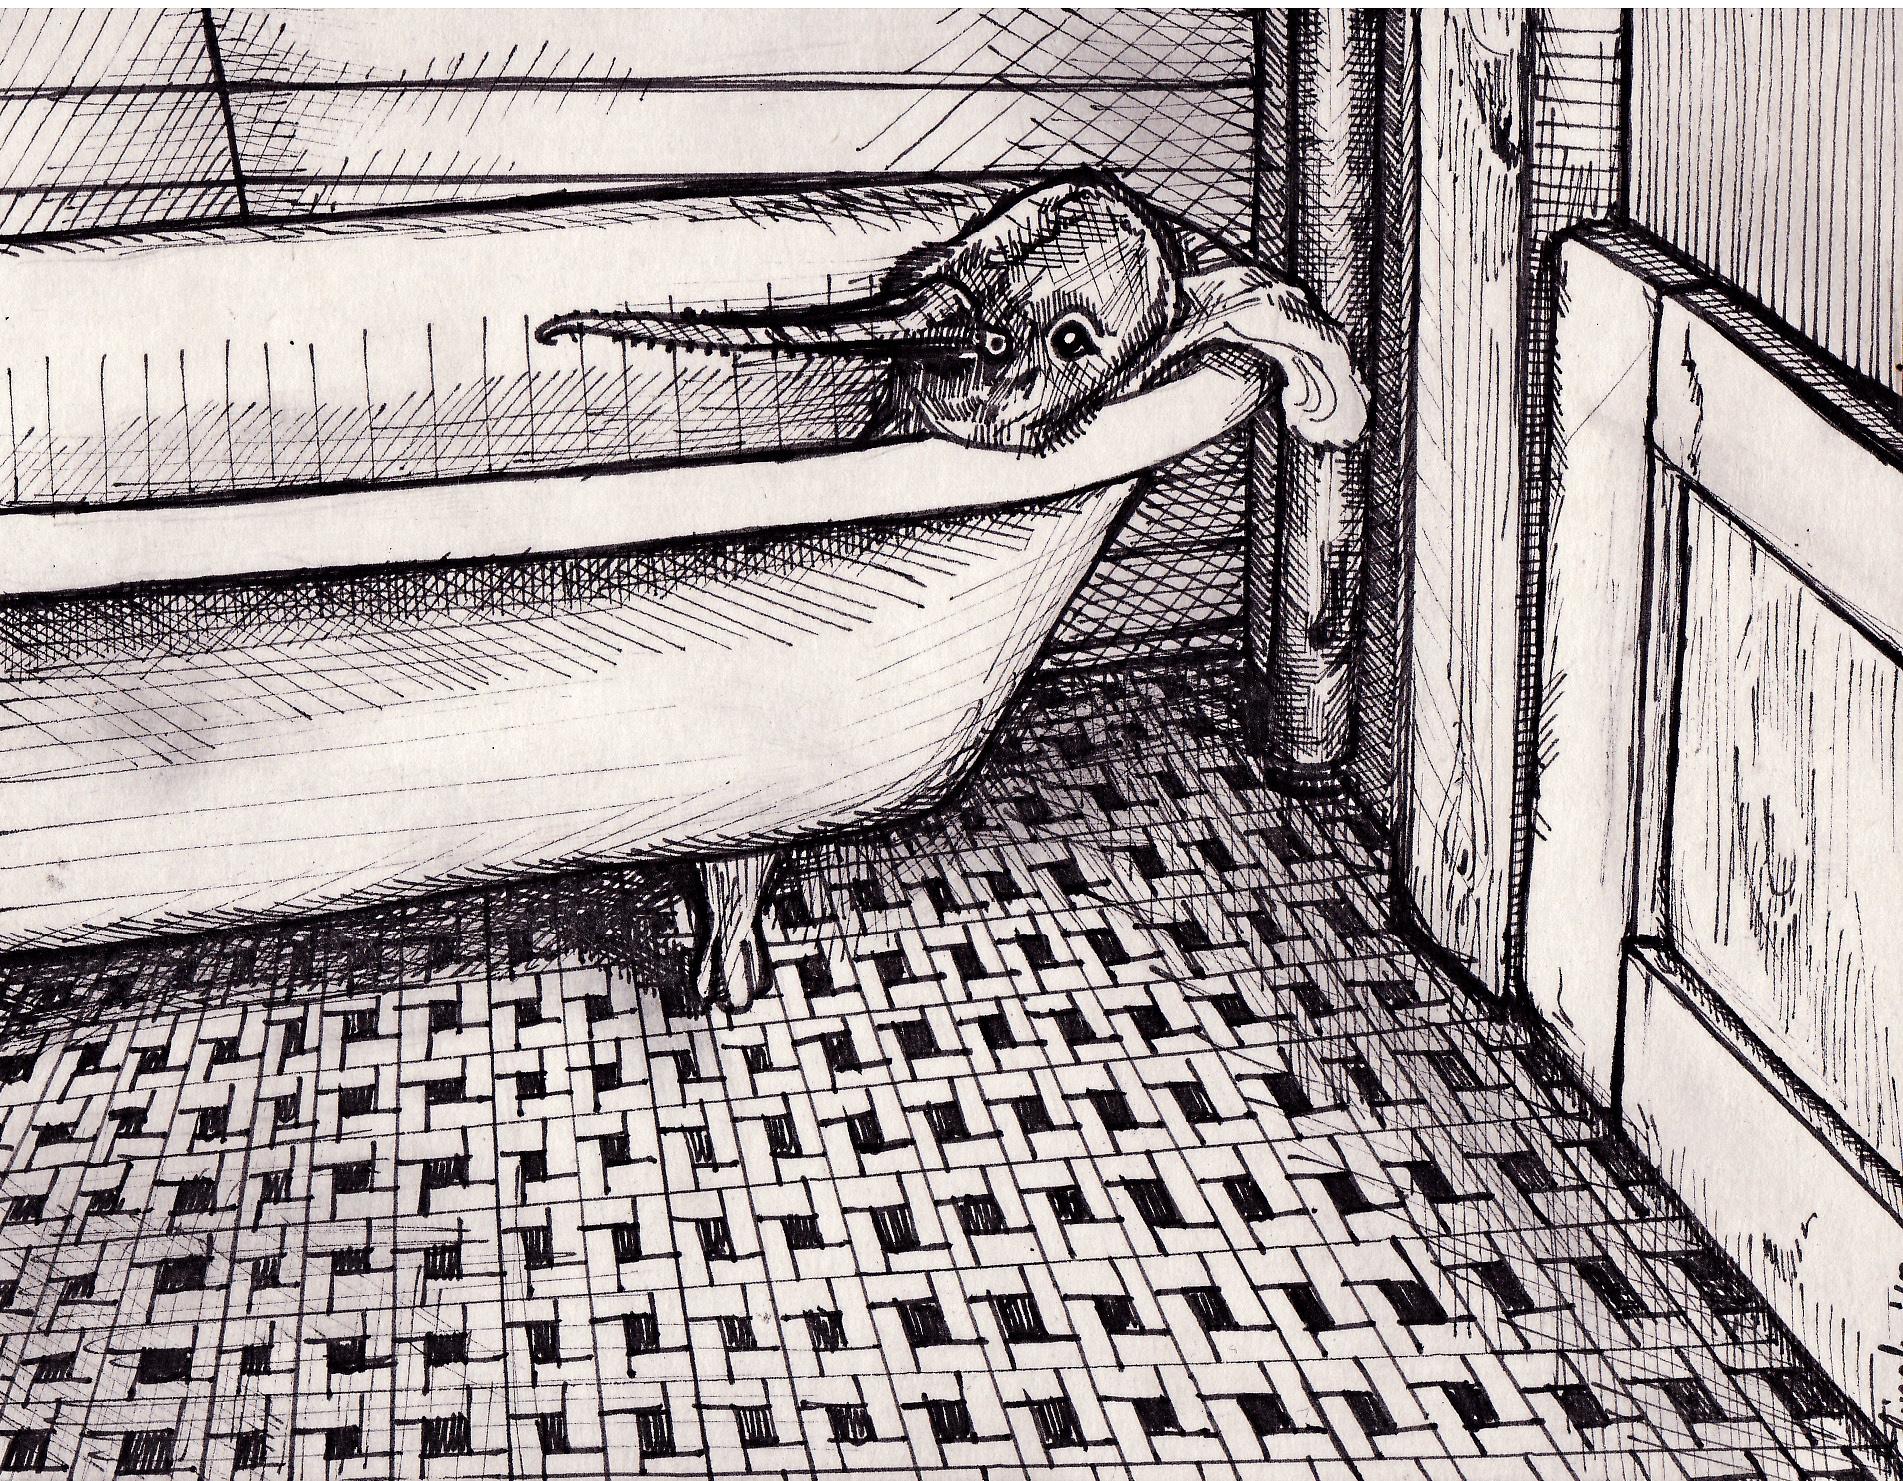 Bird in Tub